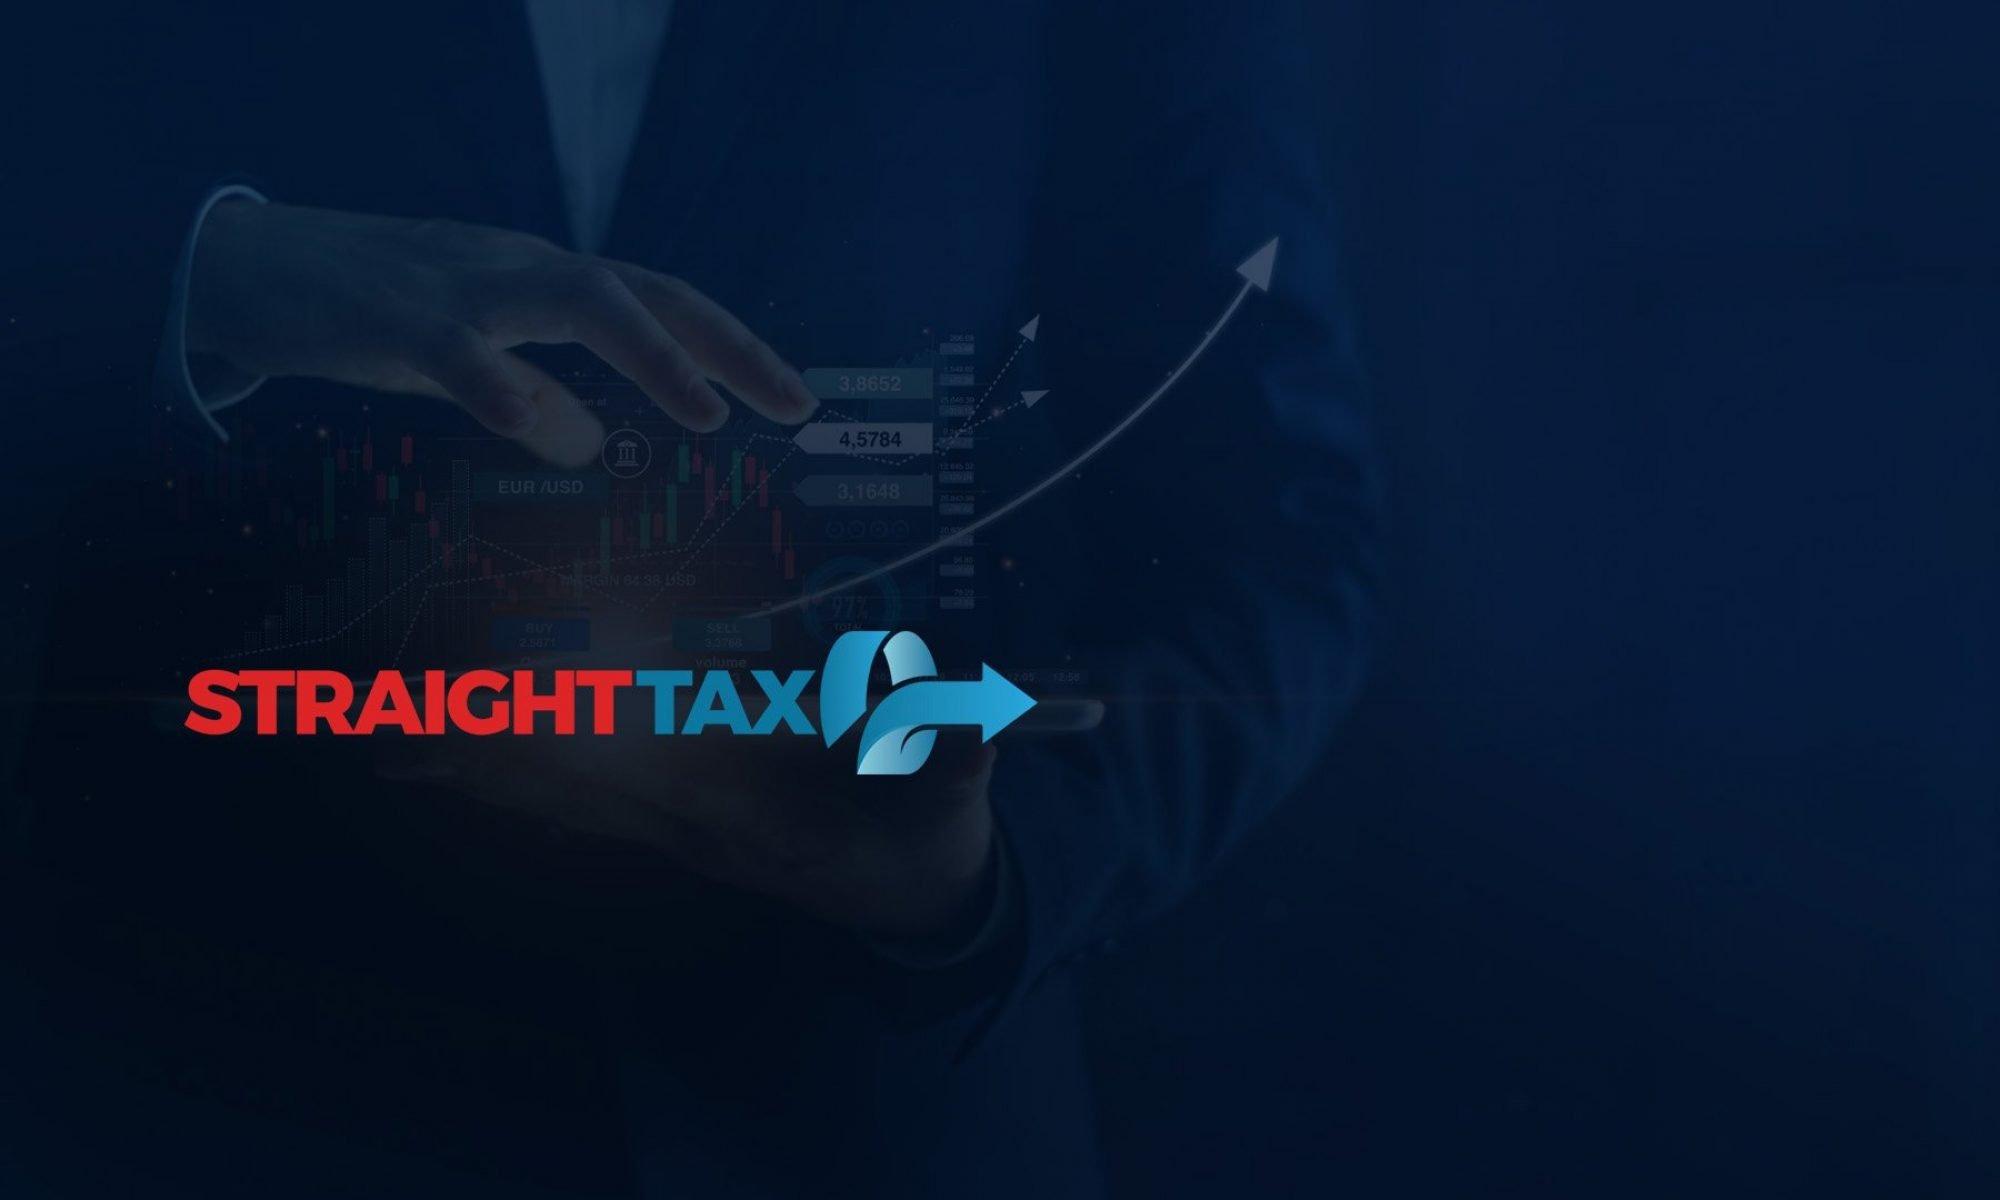 Straight Tax